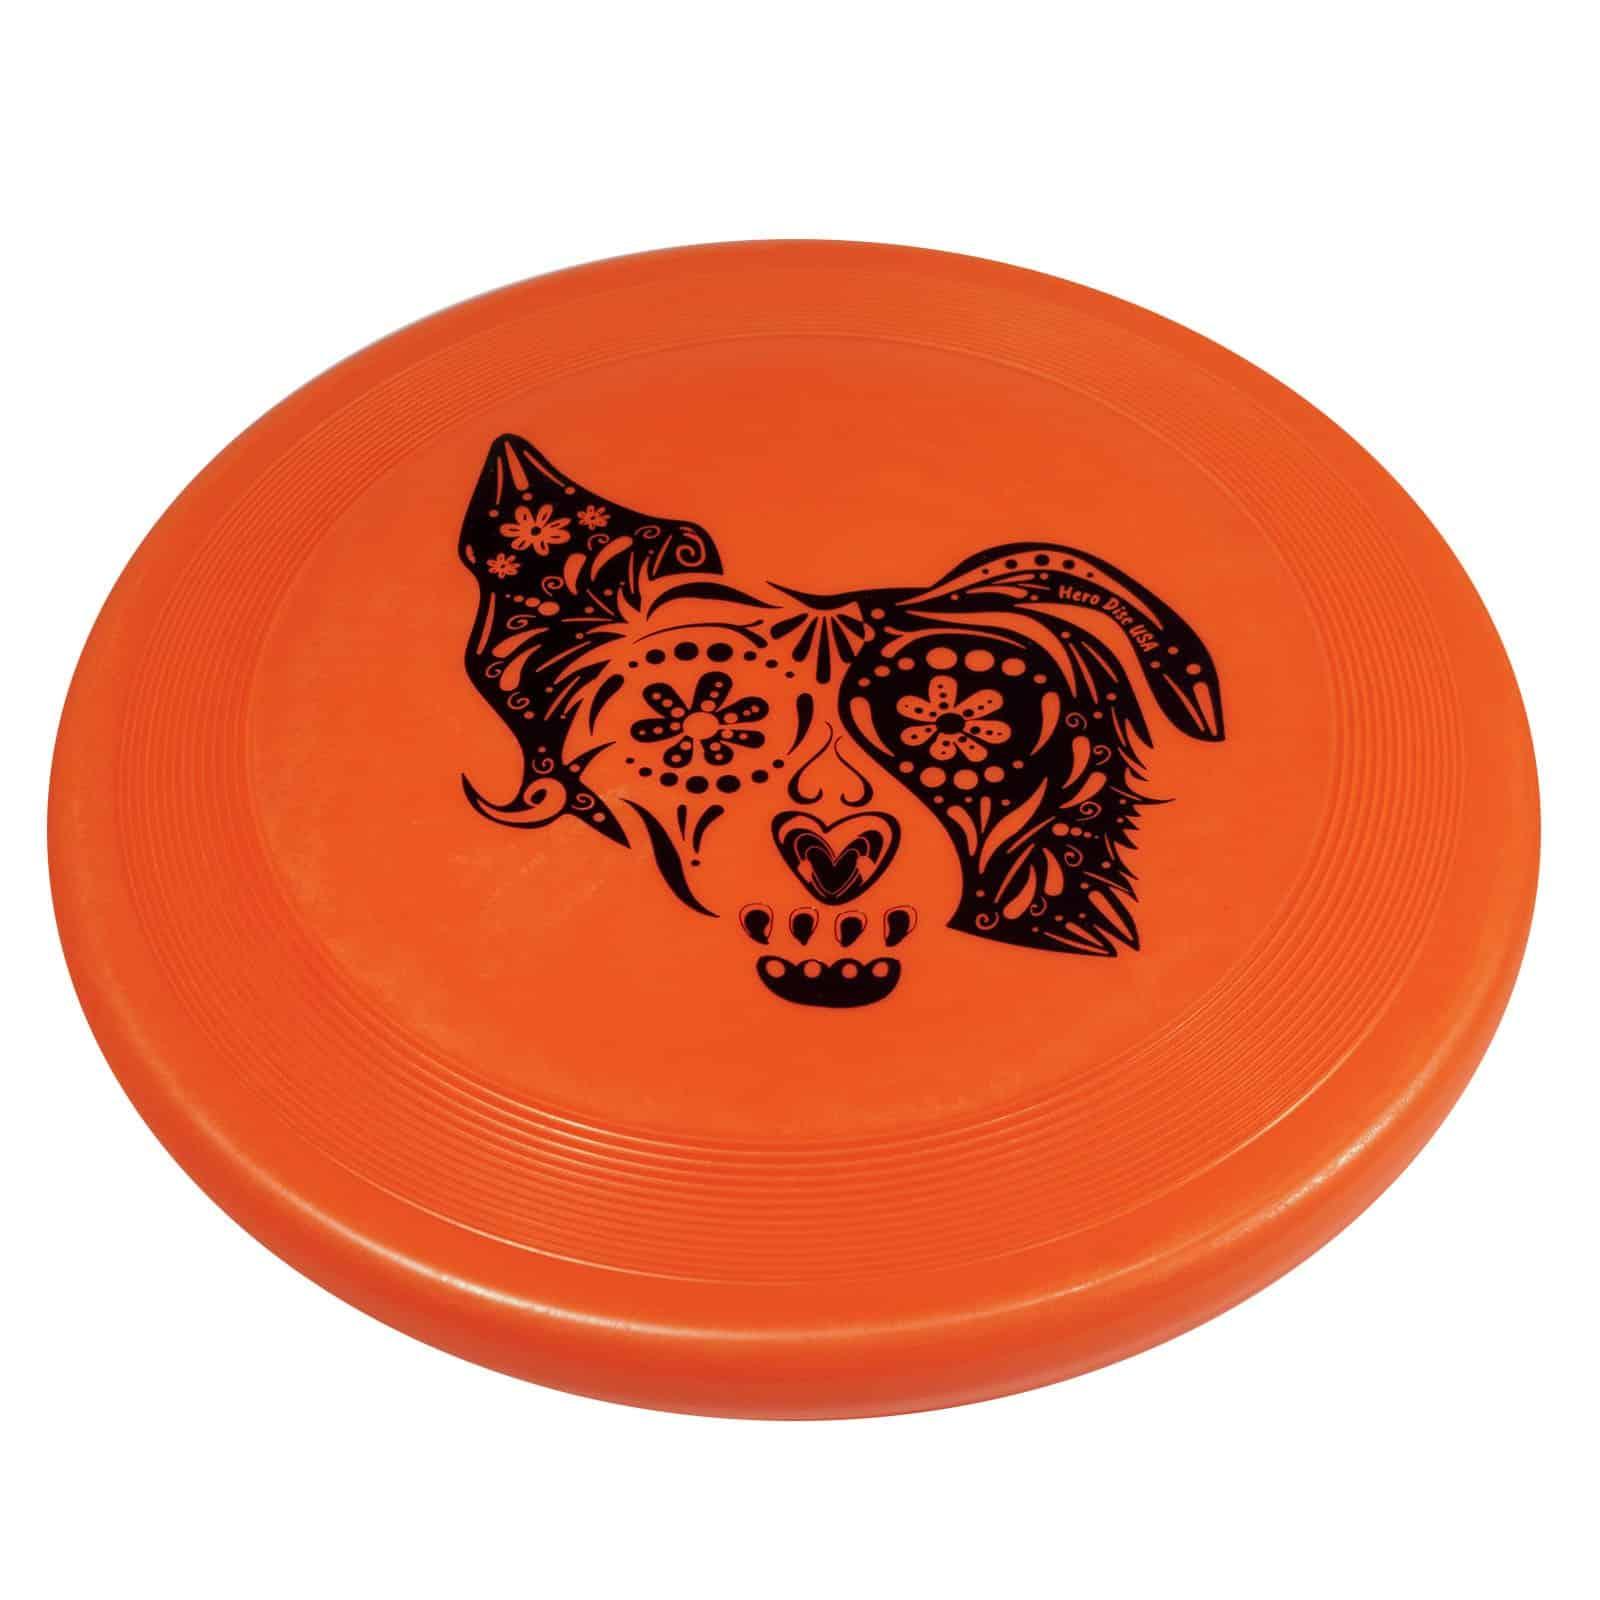 Product afbeelding voor Dia de los perros